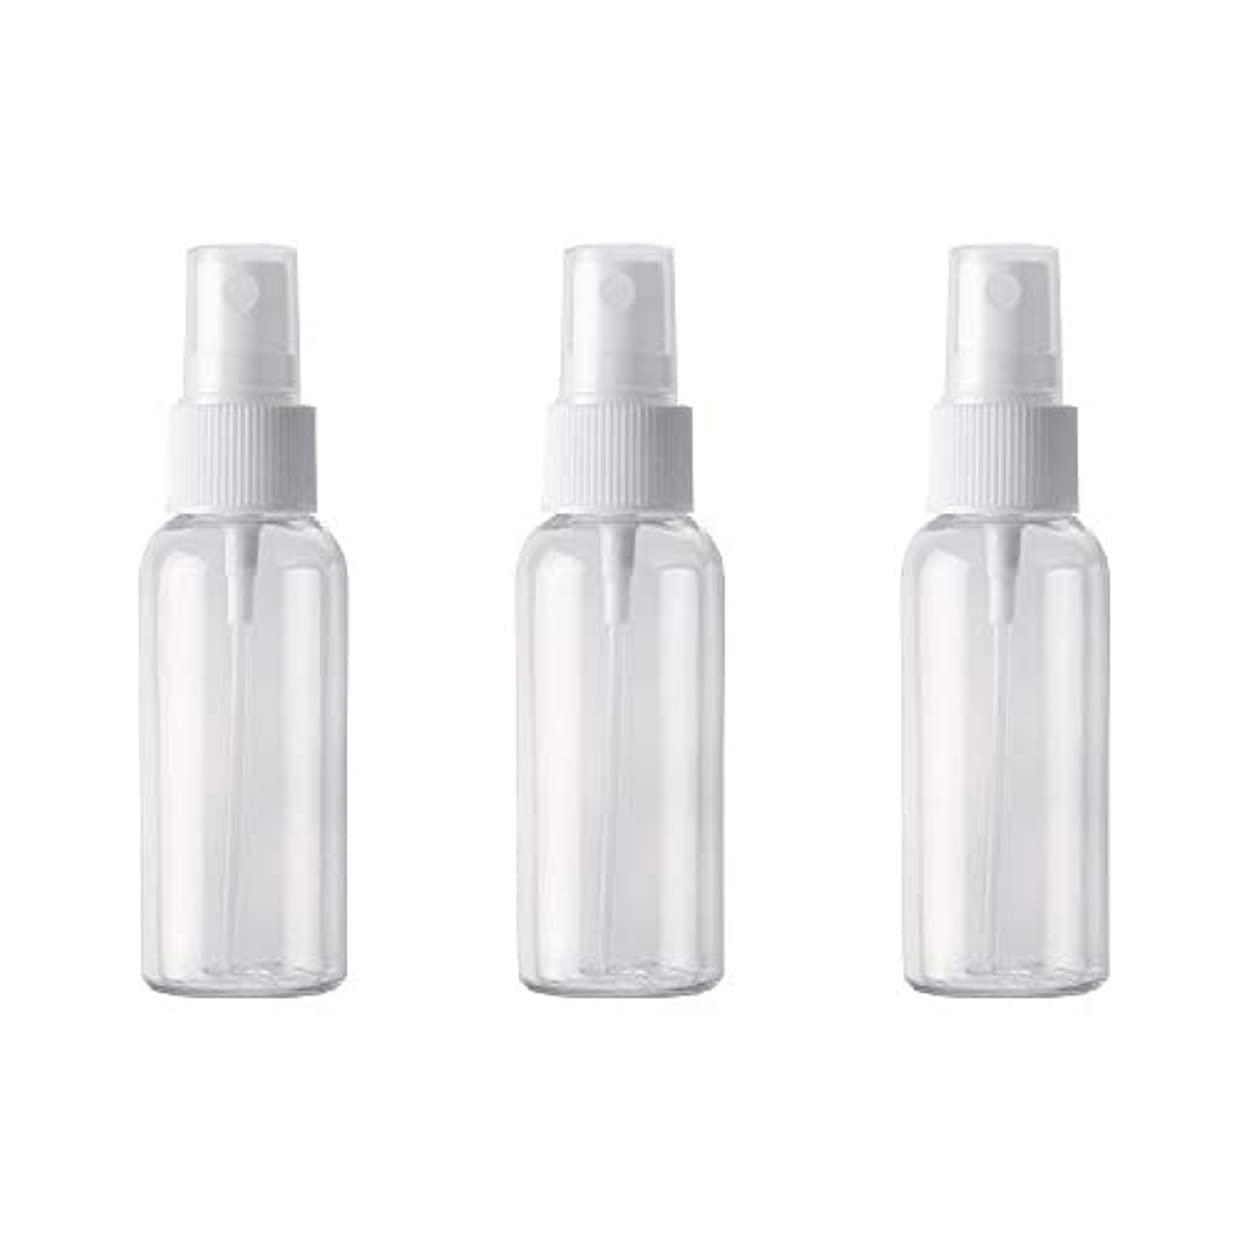 持参太鼓腹呼吸小分けボトル スプレーボトル 50ml おしゃれ 空ボトル 3本セット 環境保護の材料 PET素材 化粧水 詰替用ボトル 旅行用品